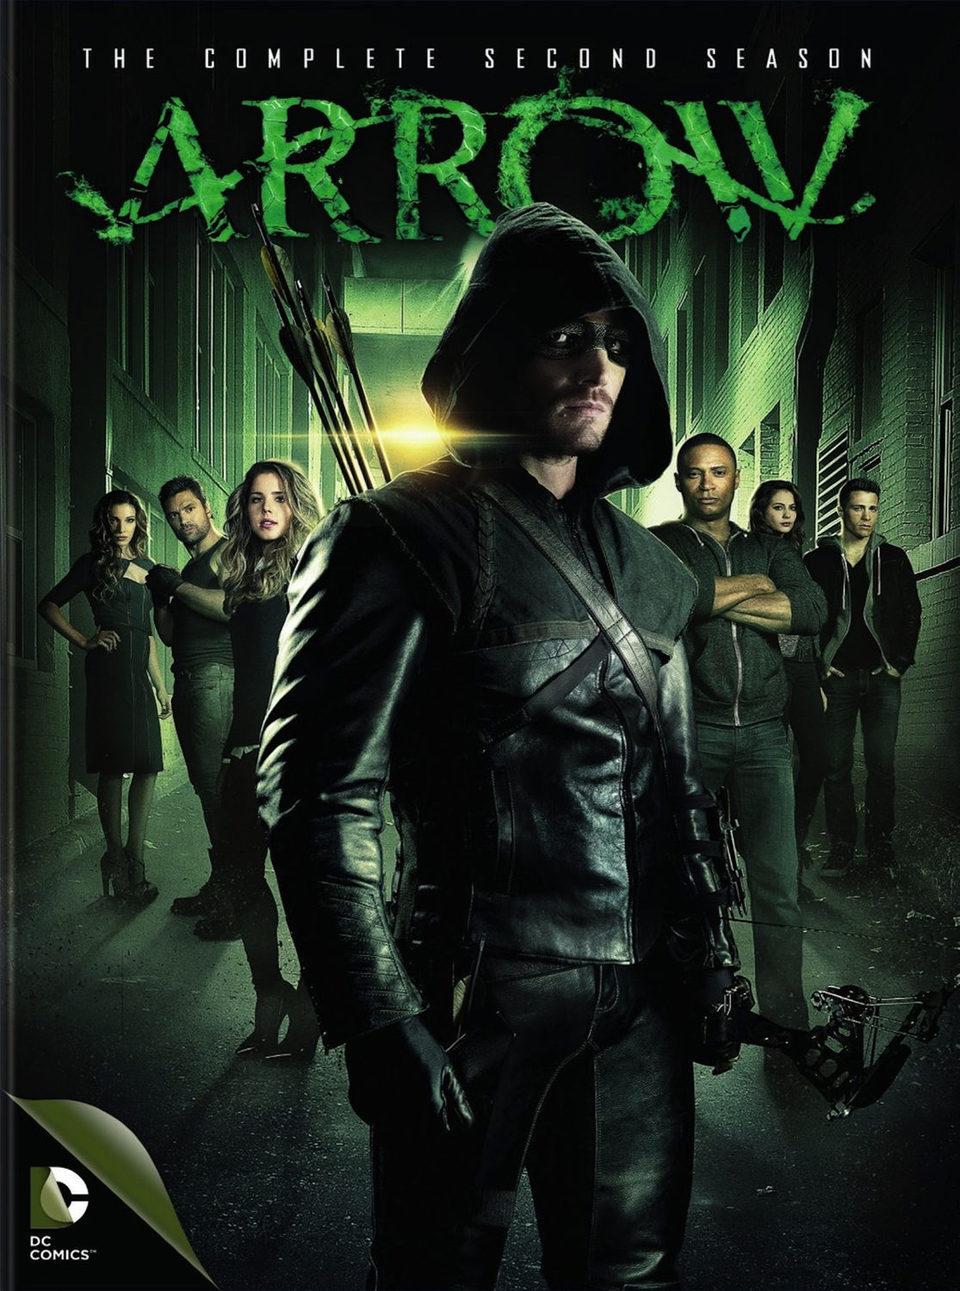 Cartel Temporada 2 de 'Arrow'